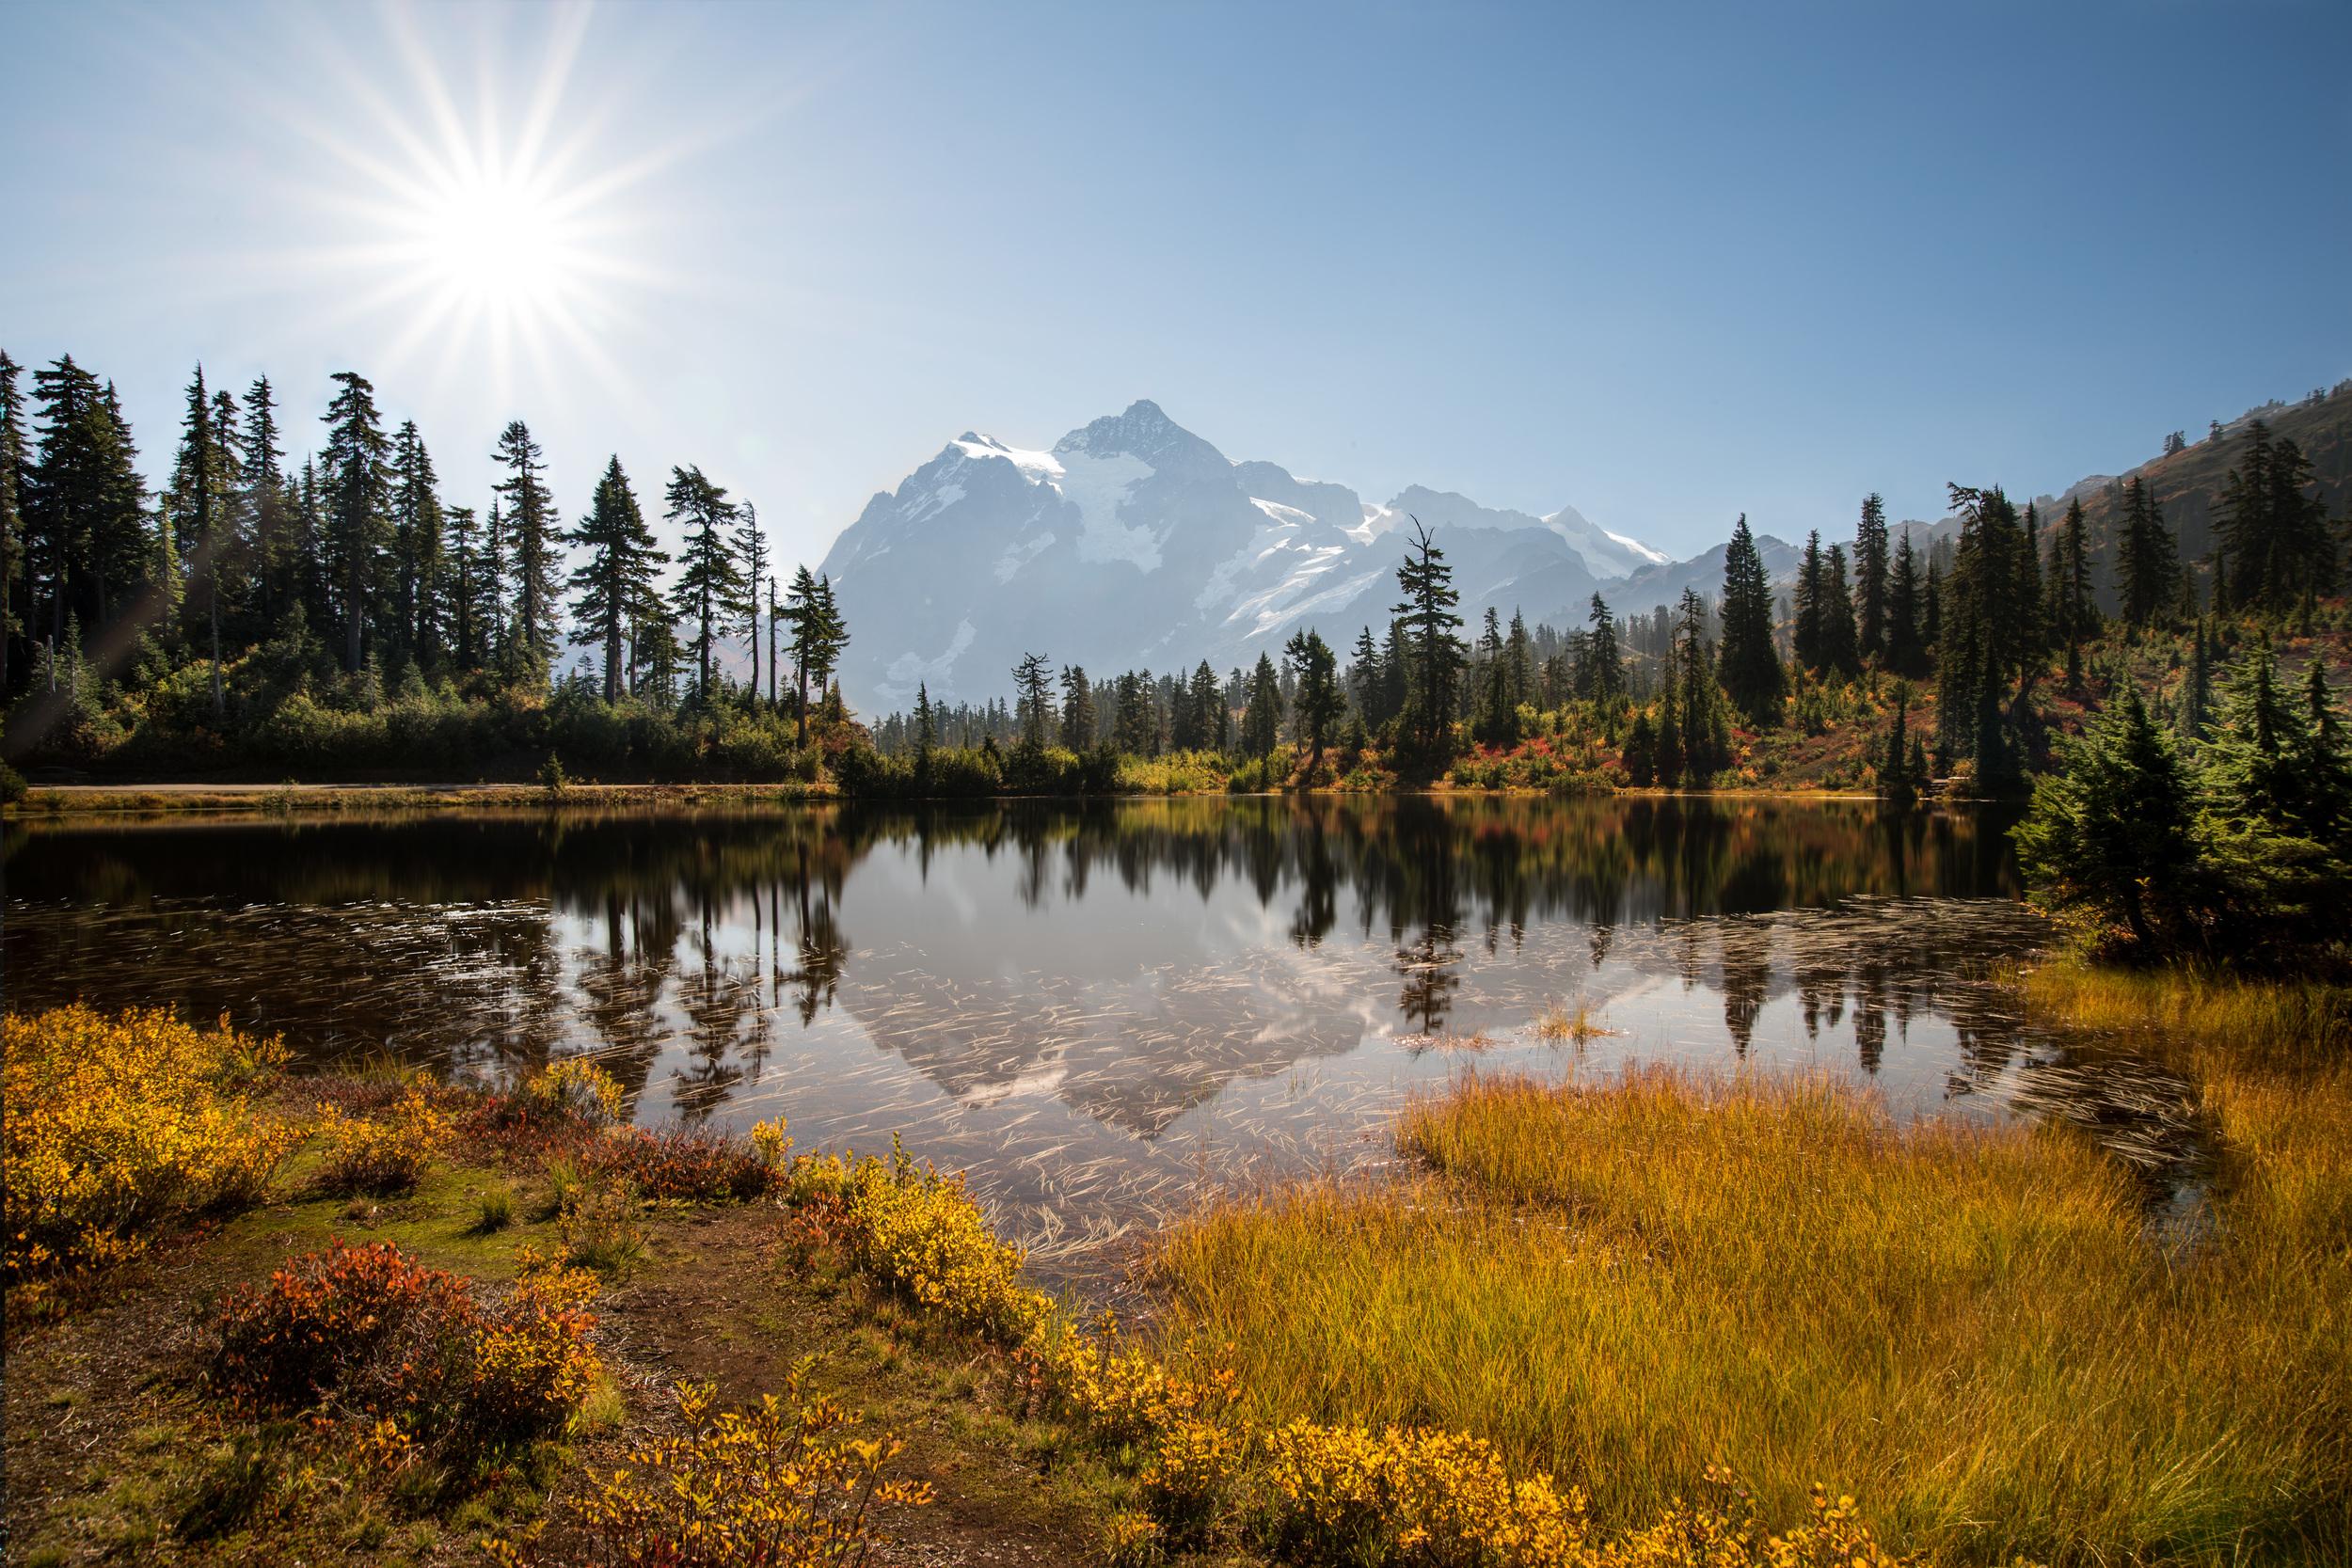 Good morning, Picture Lake